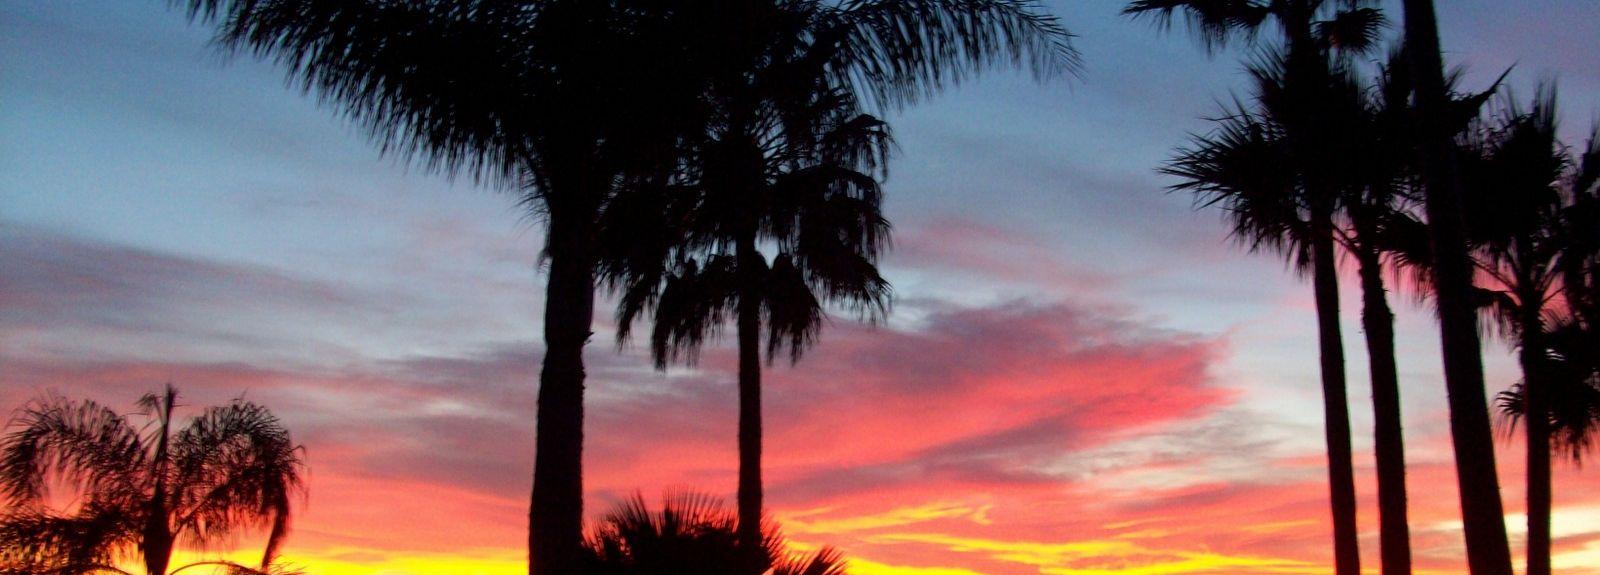 Upper Riviera, Santa Bárbara, California, Estados Unidos